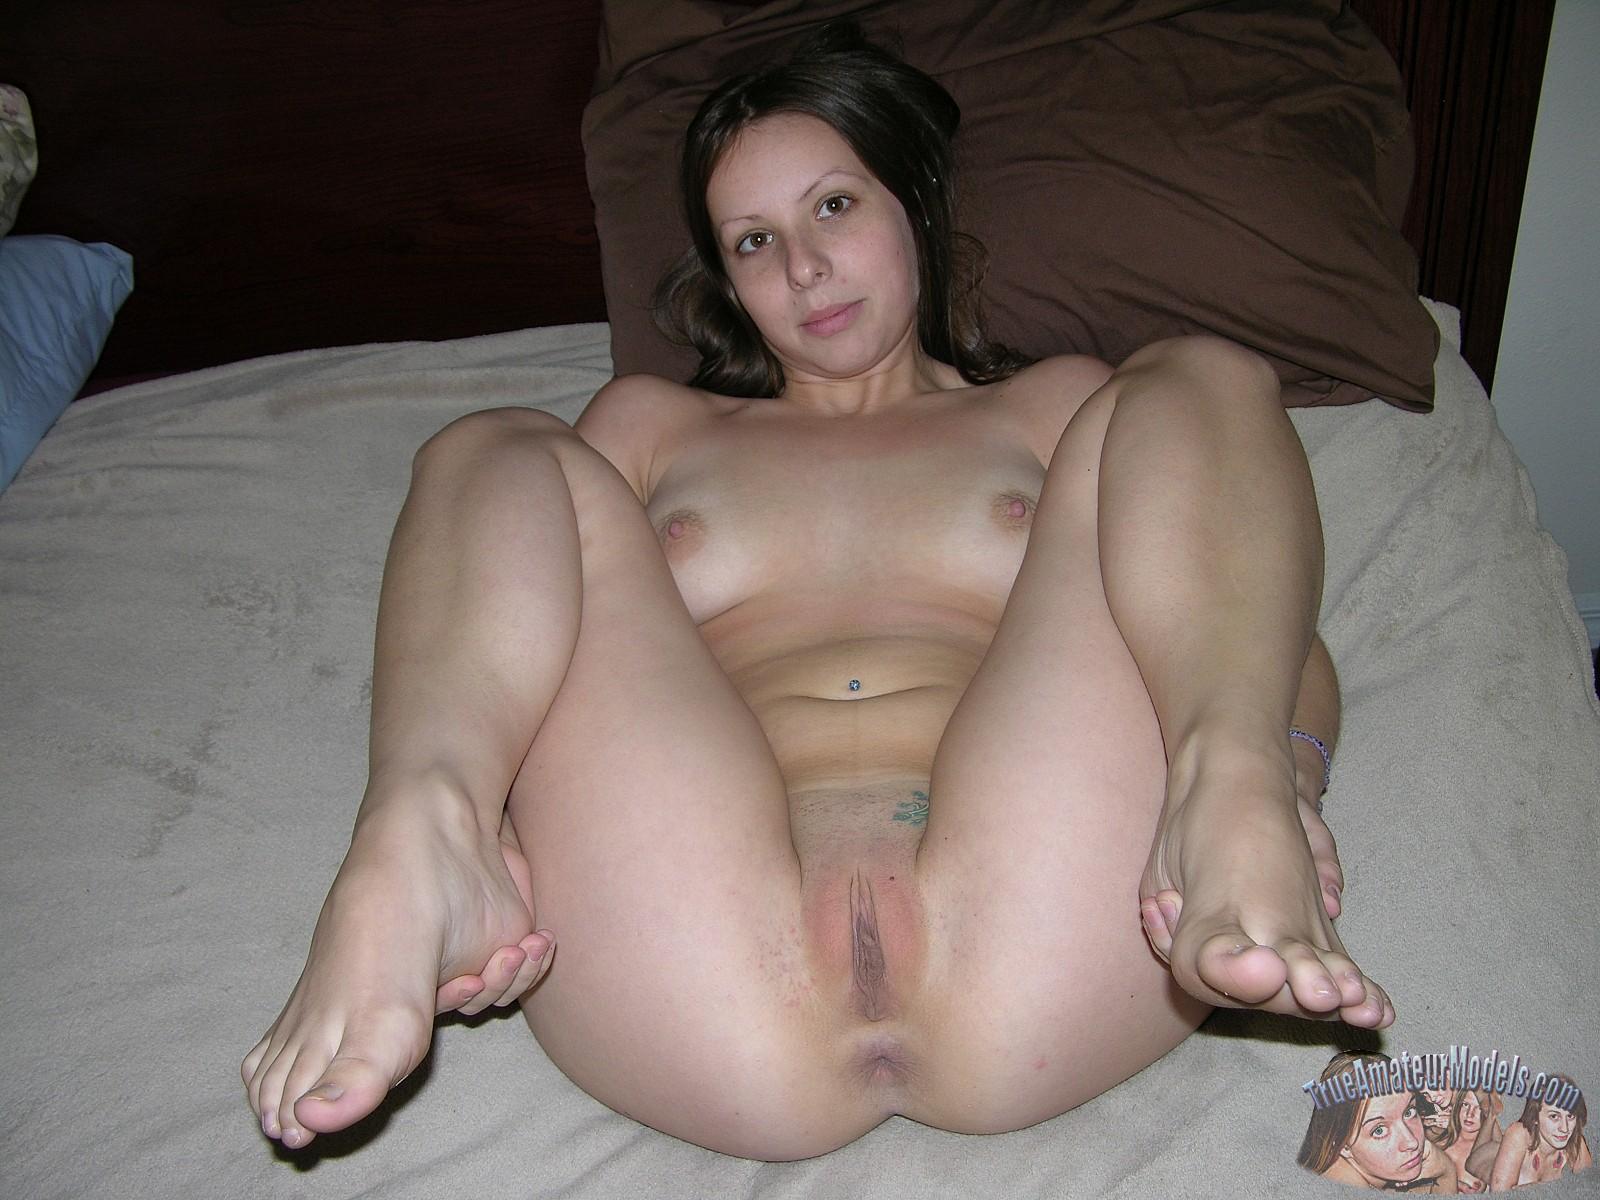 Melissa george look alike nude